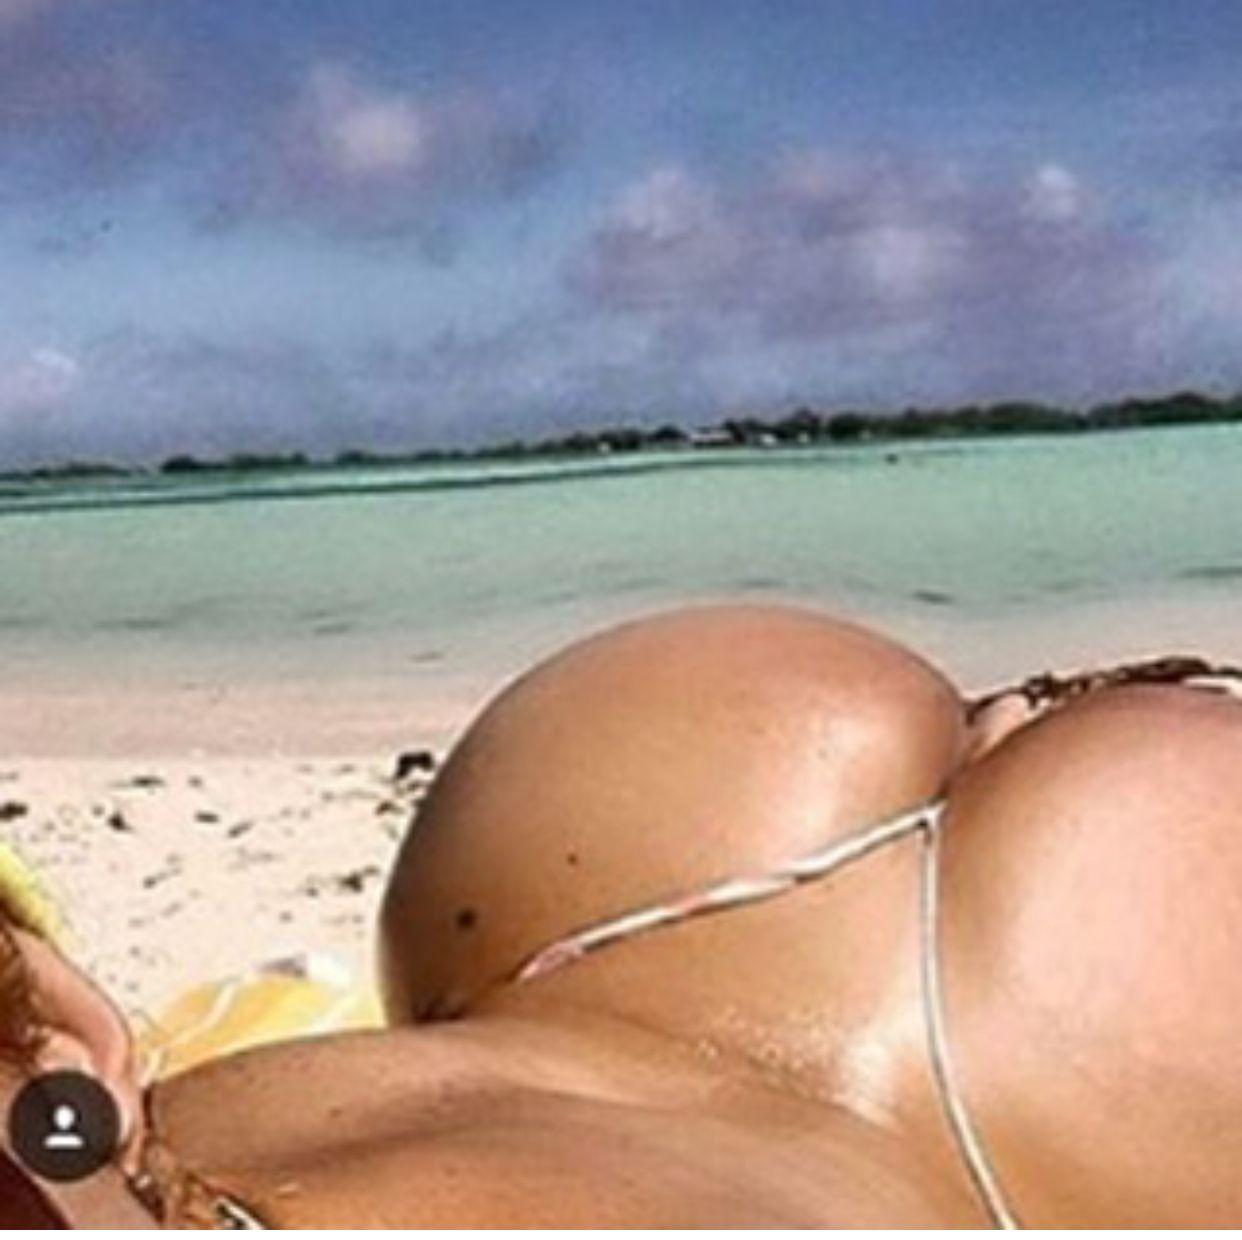 Силиконовые груди на пляже 11 фотография